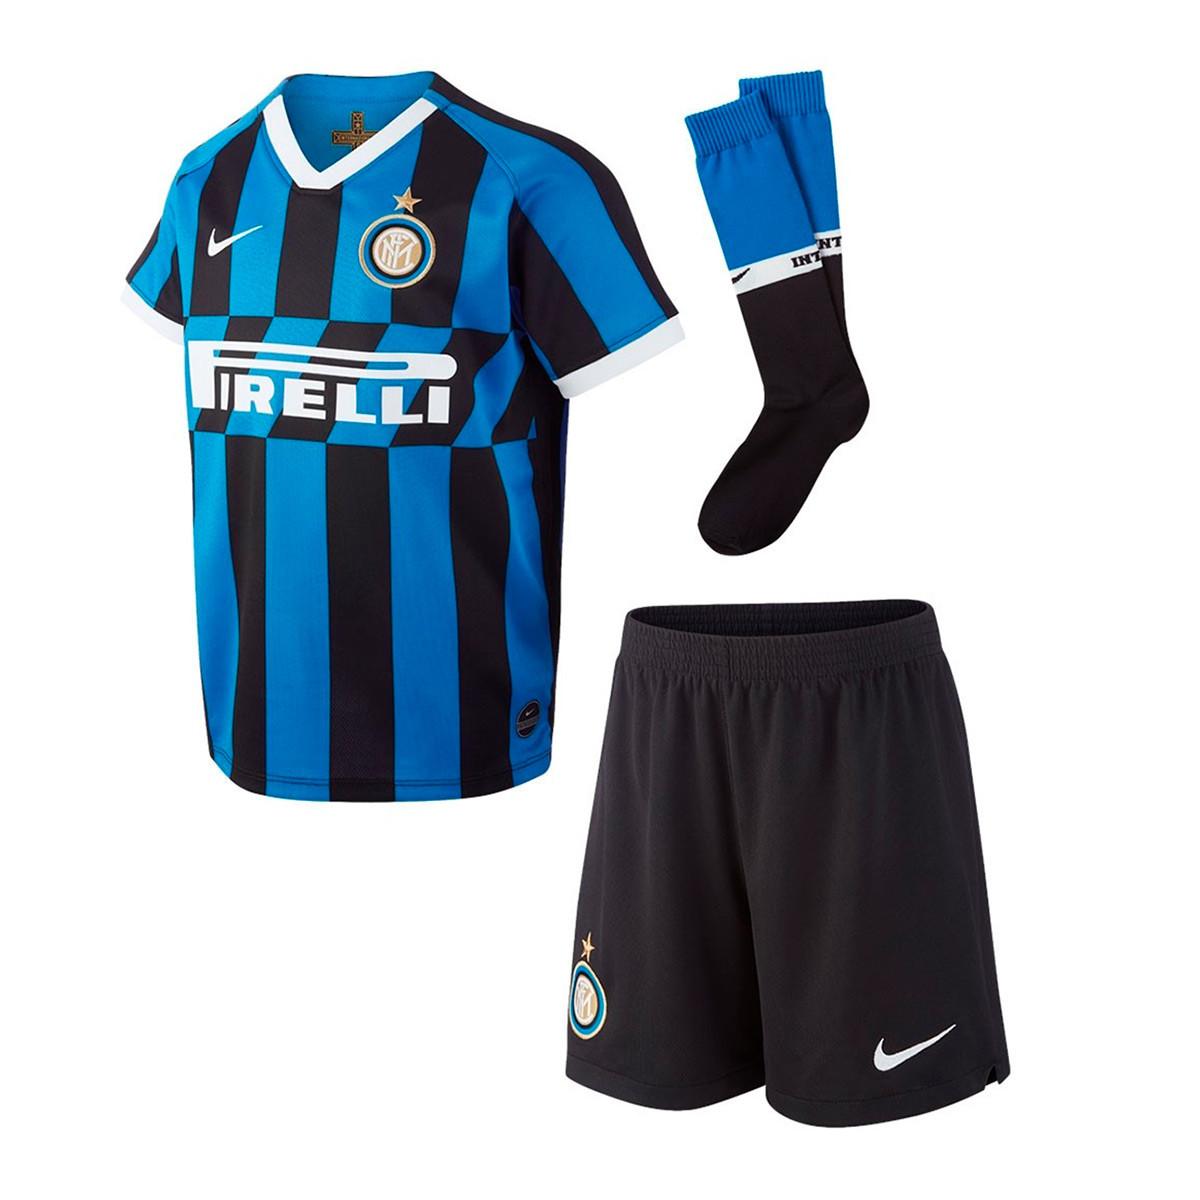 Completo Nike Inter Breathe Maglia Stagione 2019-2020 Bambino